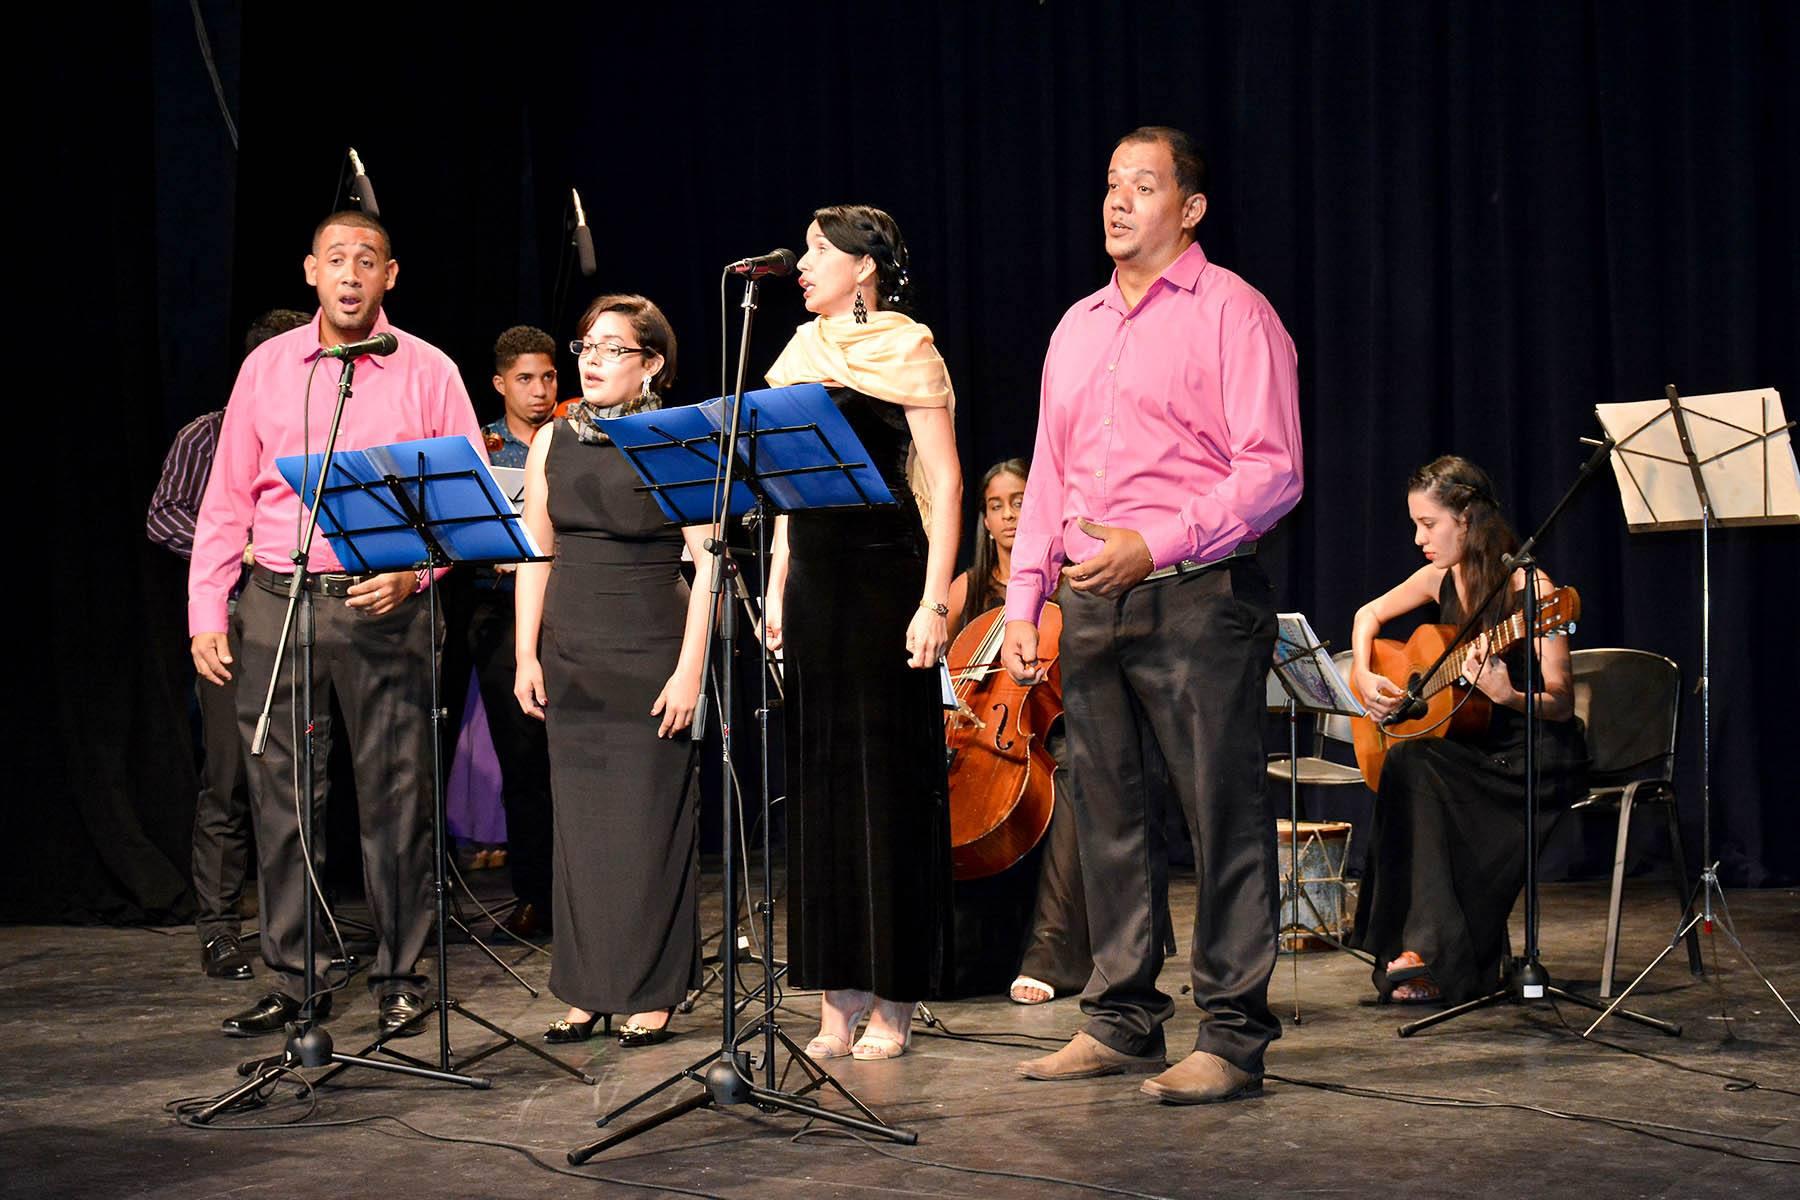 Exsulten y el Coro se unen nuevamente en Cubanía